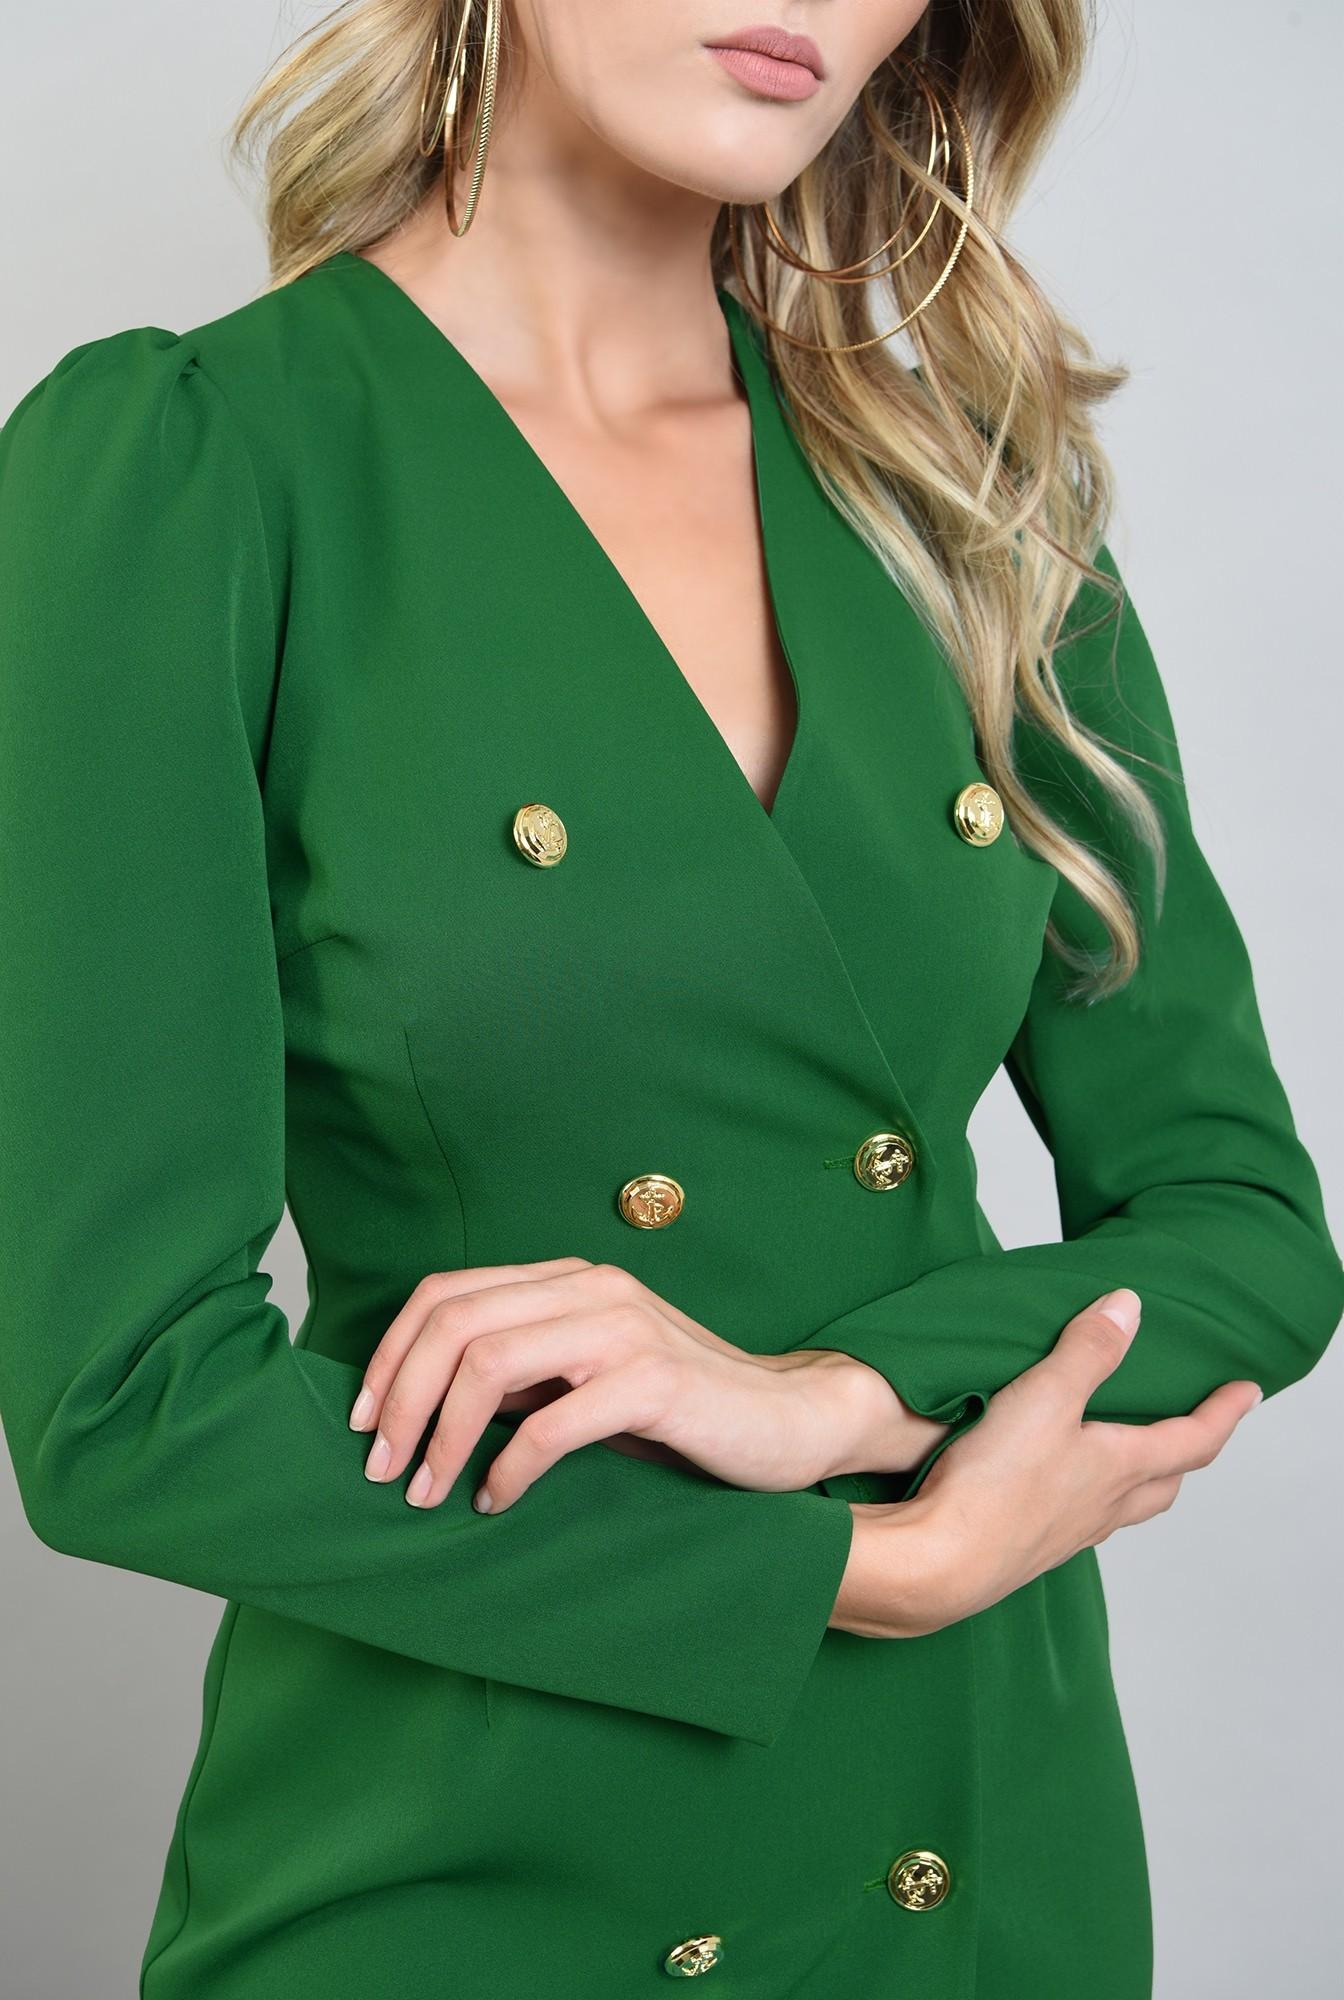 2 - rochie scurta, verde, cu maneca lunga